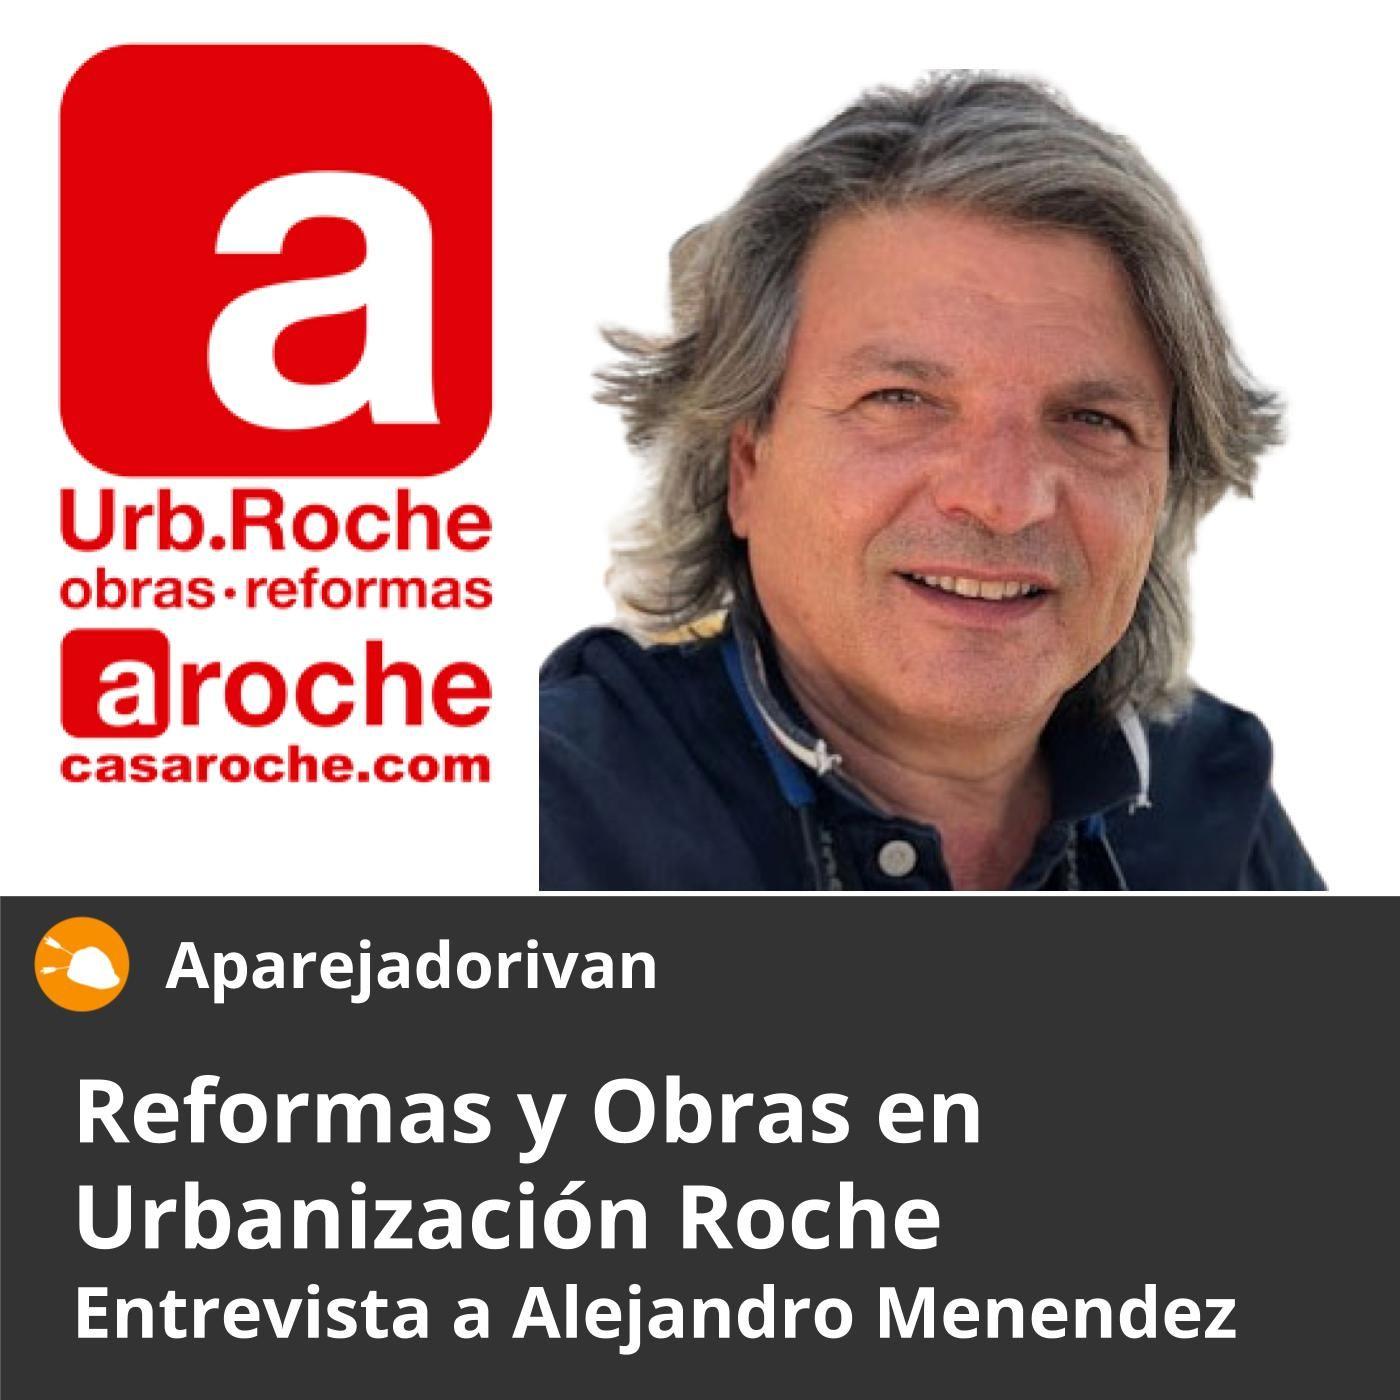 Reformas y Obras en Urbanización Roche - Entrevista a Alejandro Menéndez